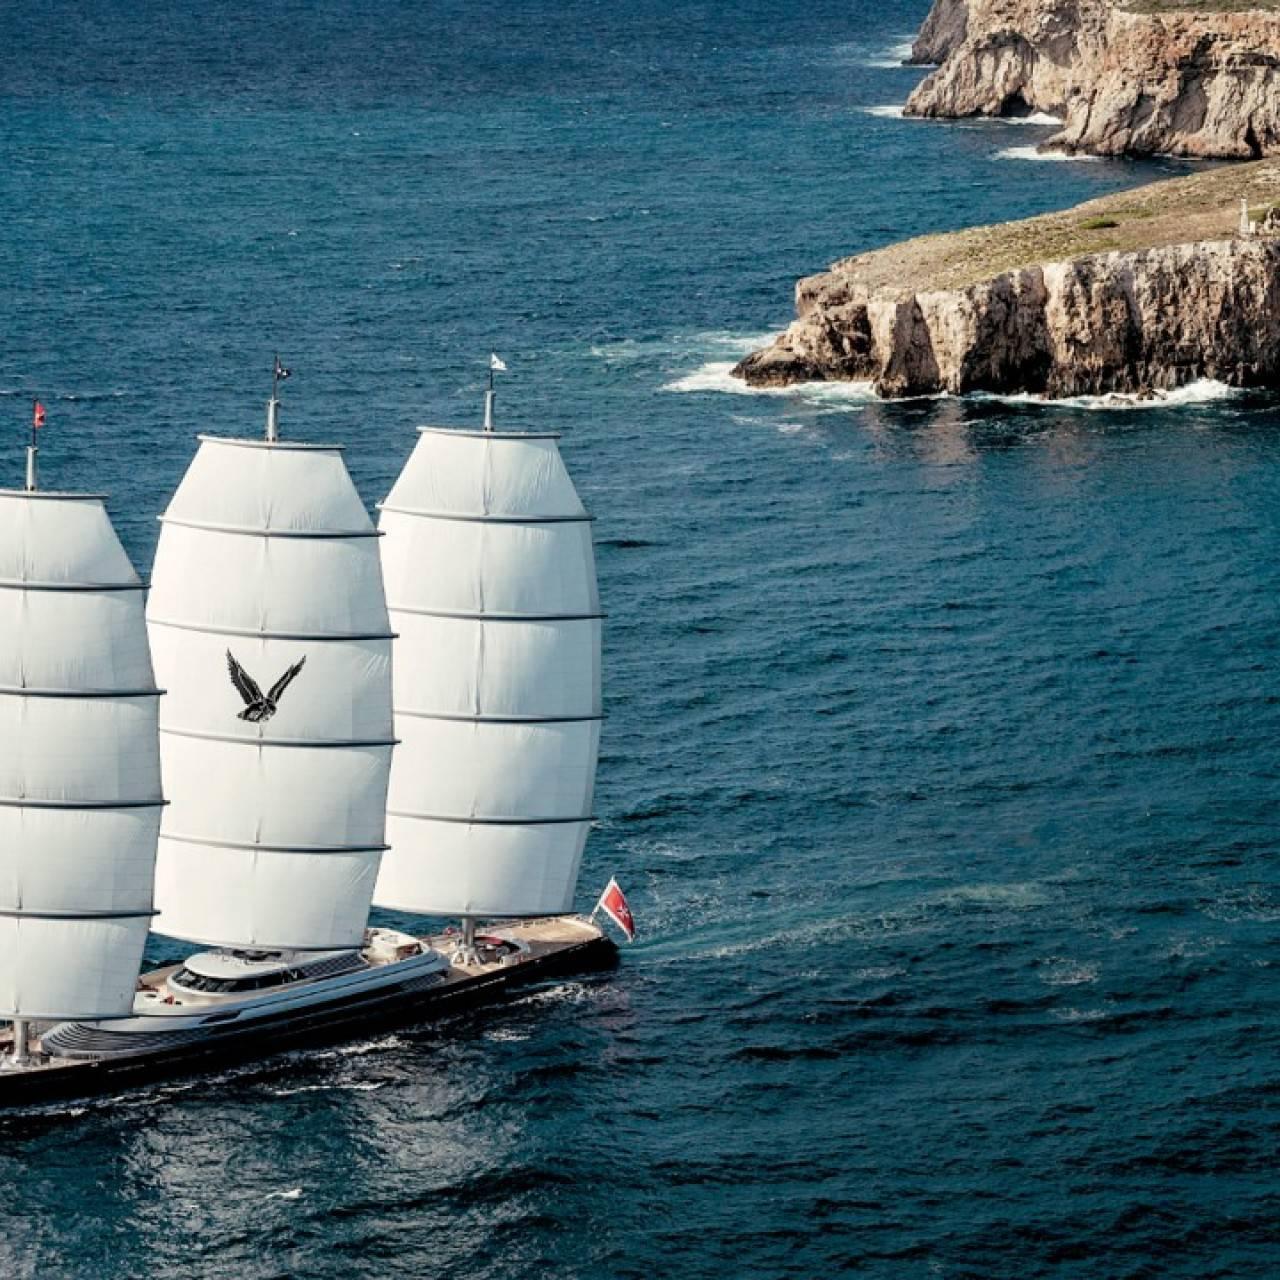 Malteški sokol plovi Jadranom: Prodaje se za milijardu kuna...